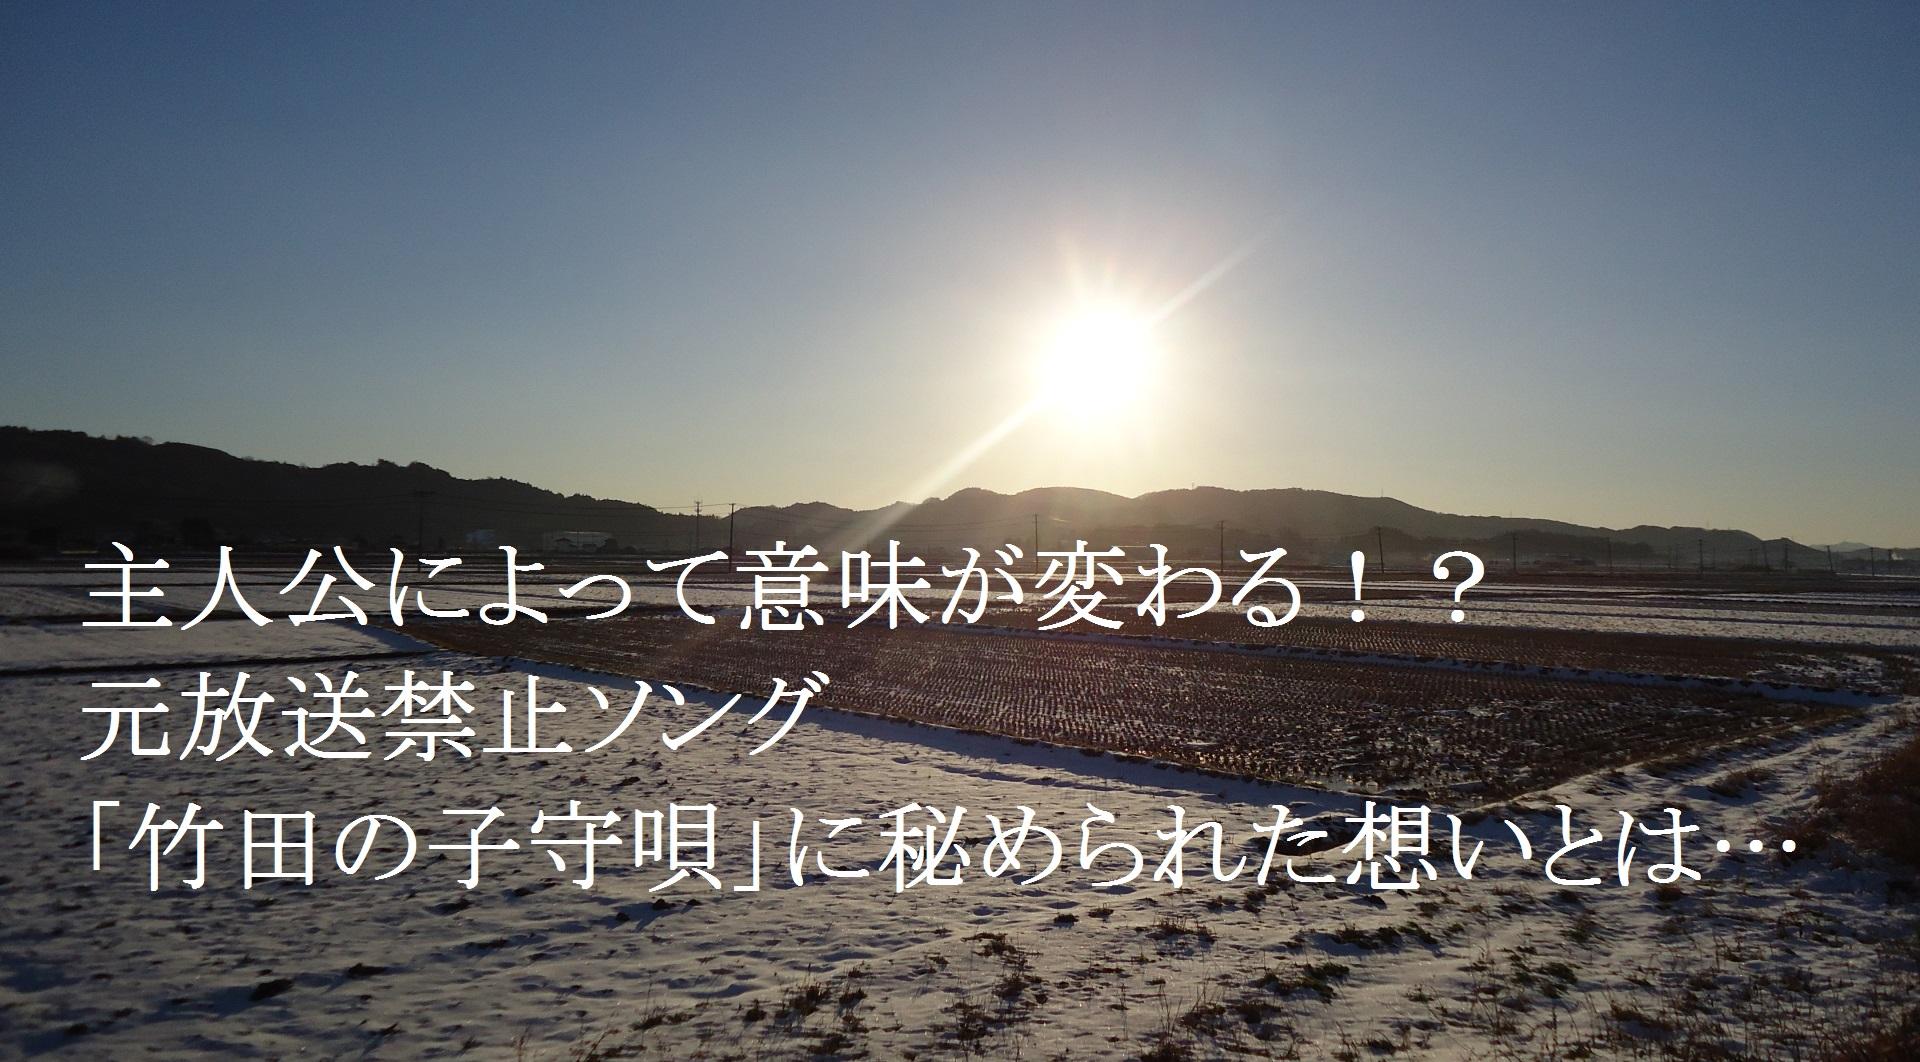 冬 の こもり うた 歌詞